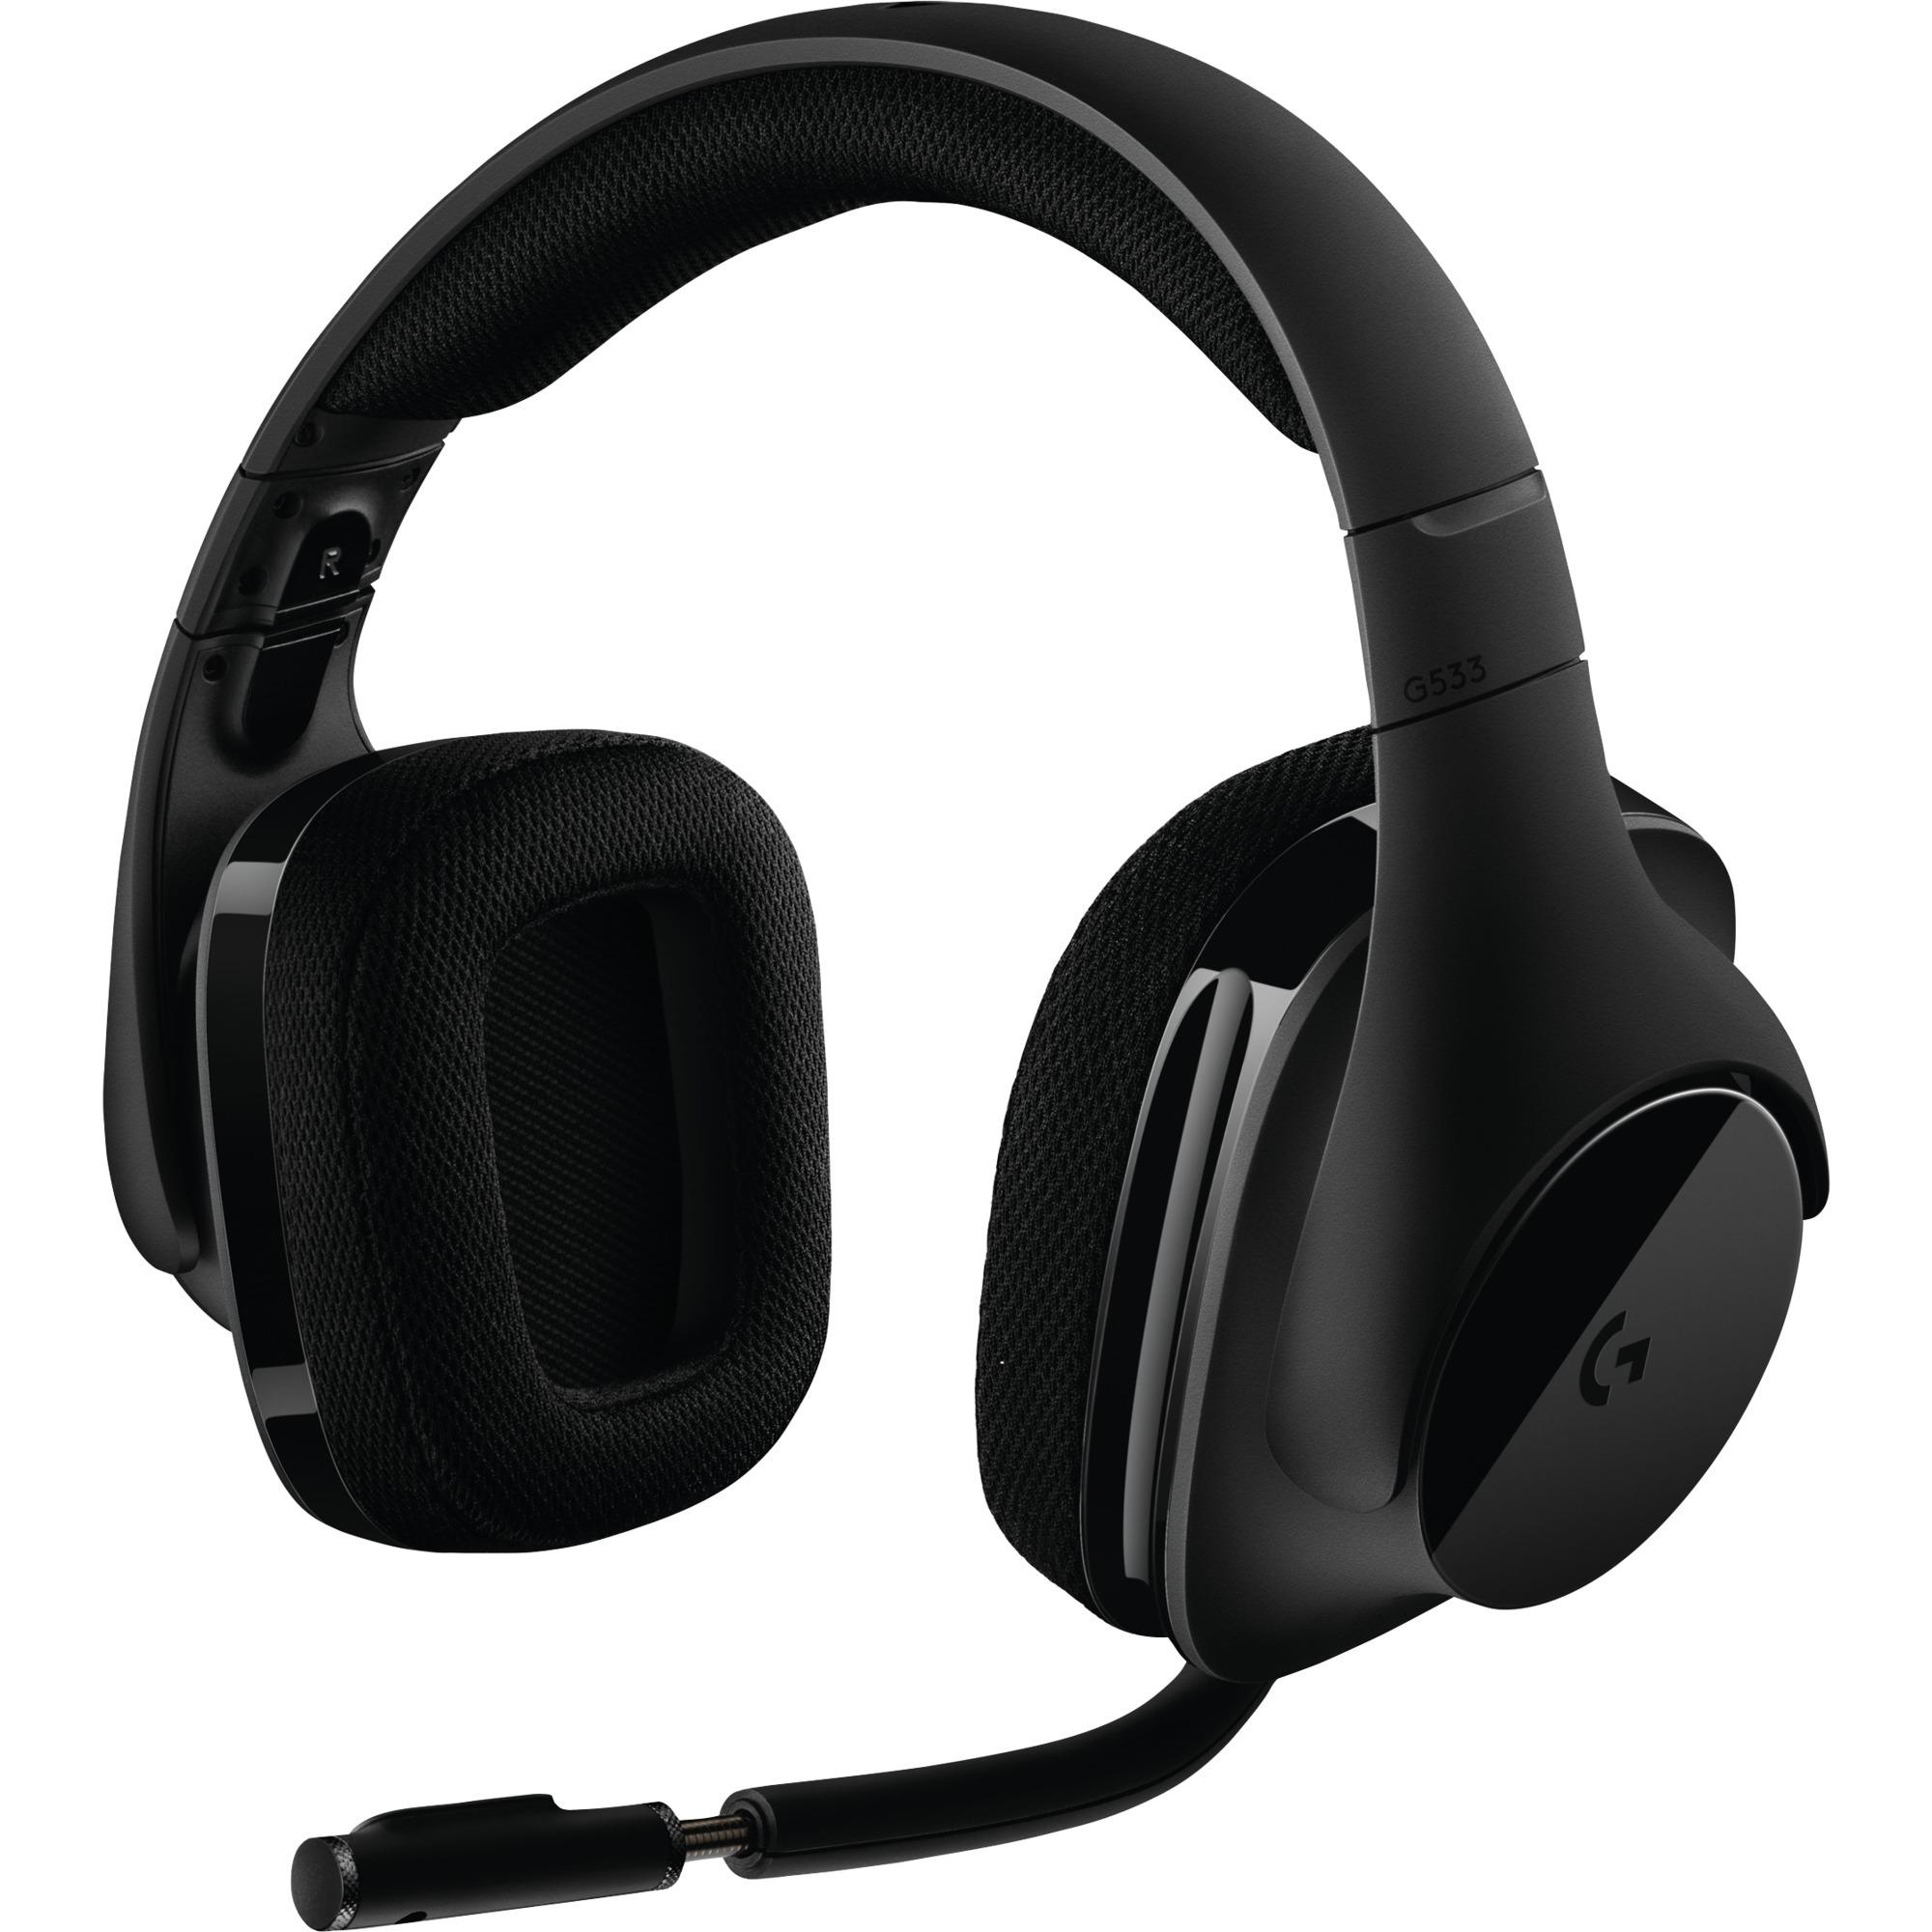 G533 Wireless Monophonique Bandeau Noir Casque audio, Casque d'écoute